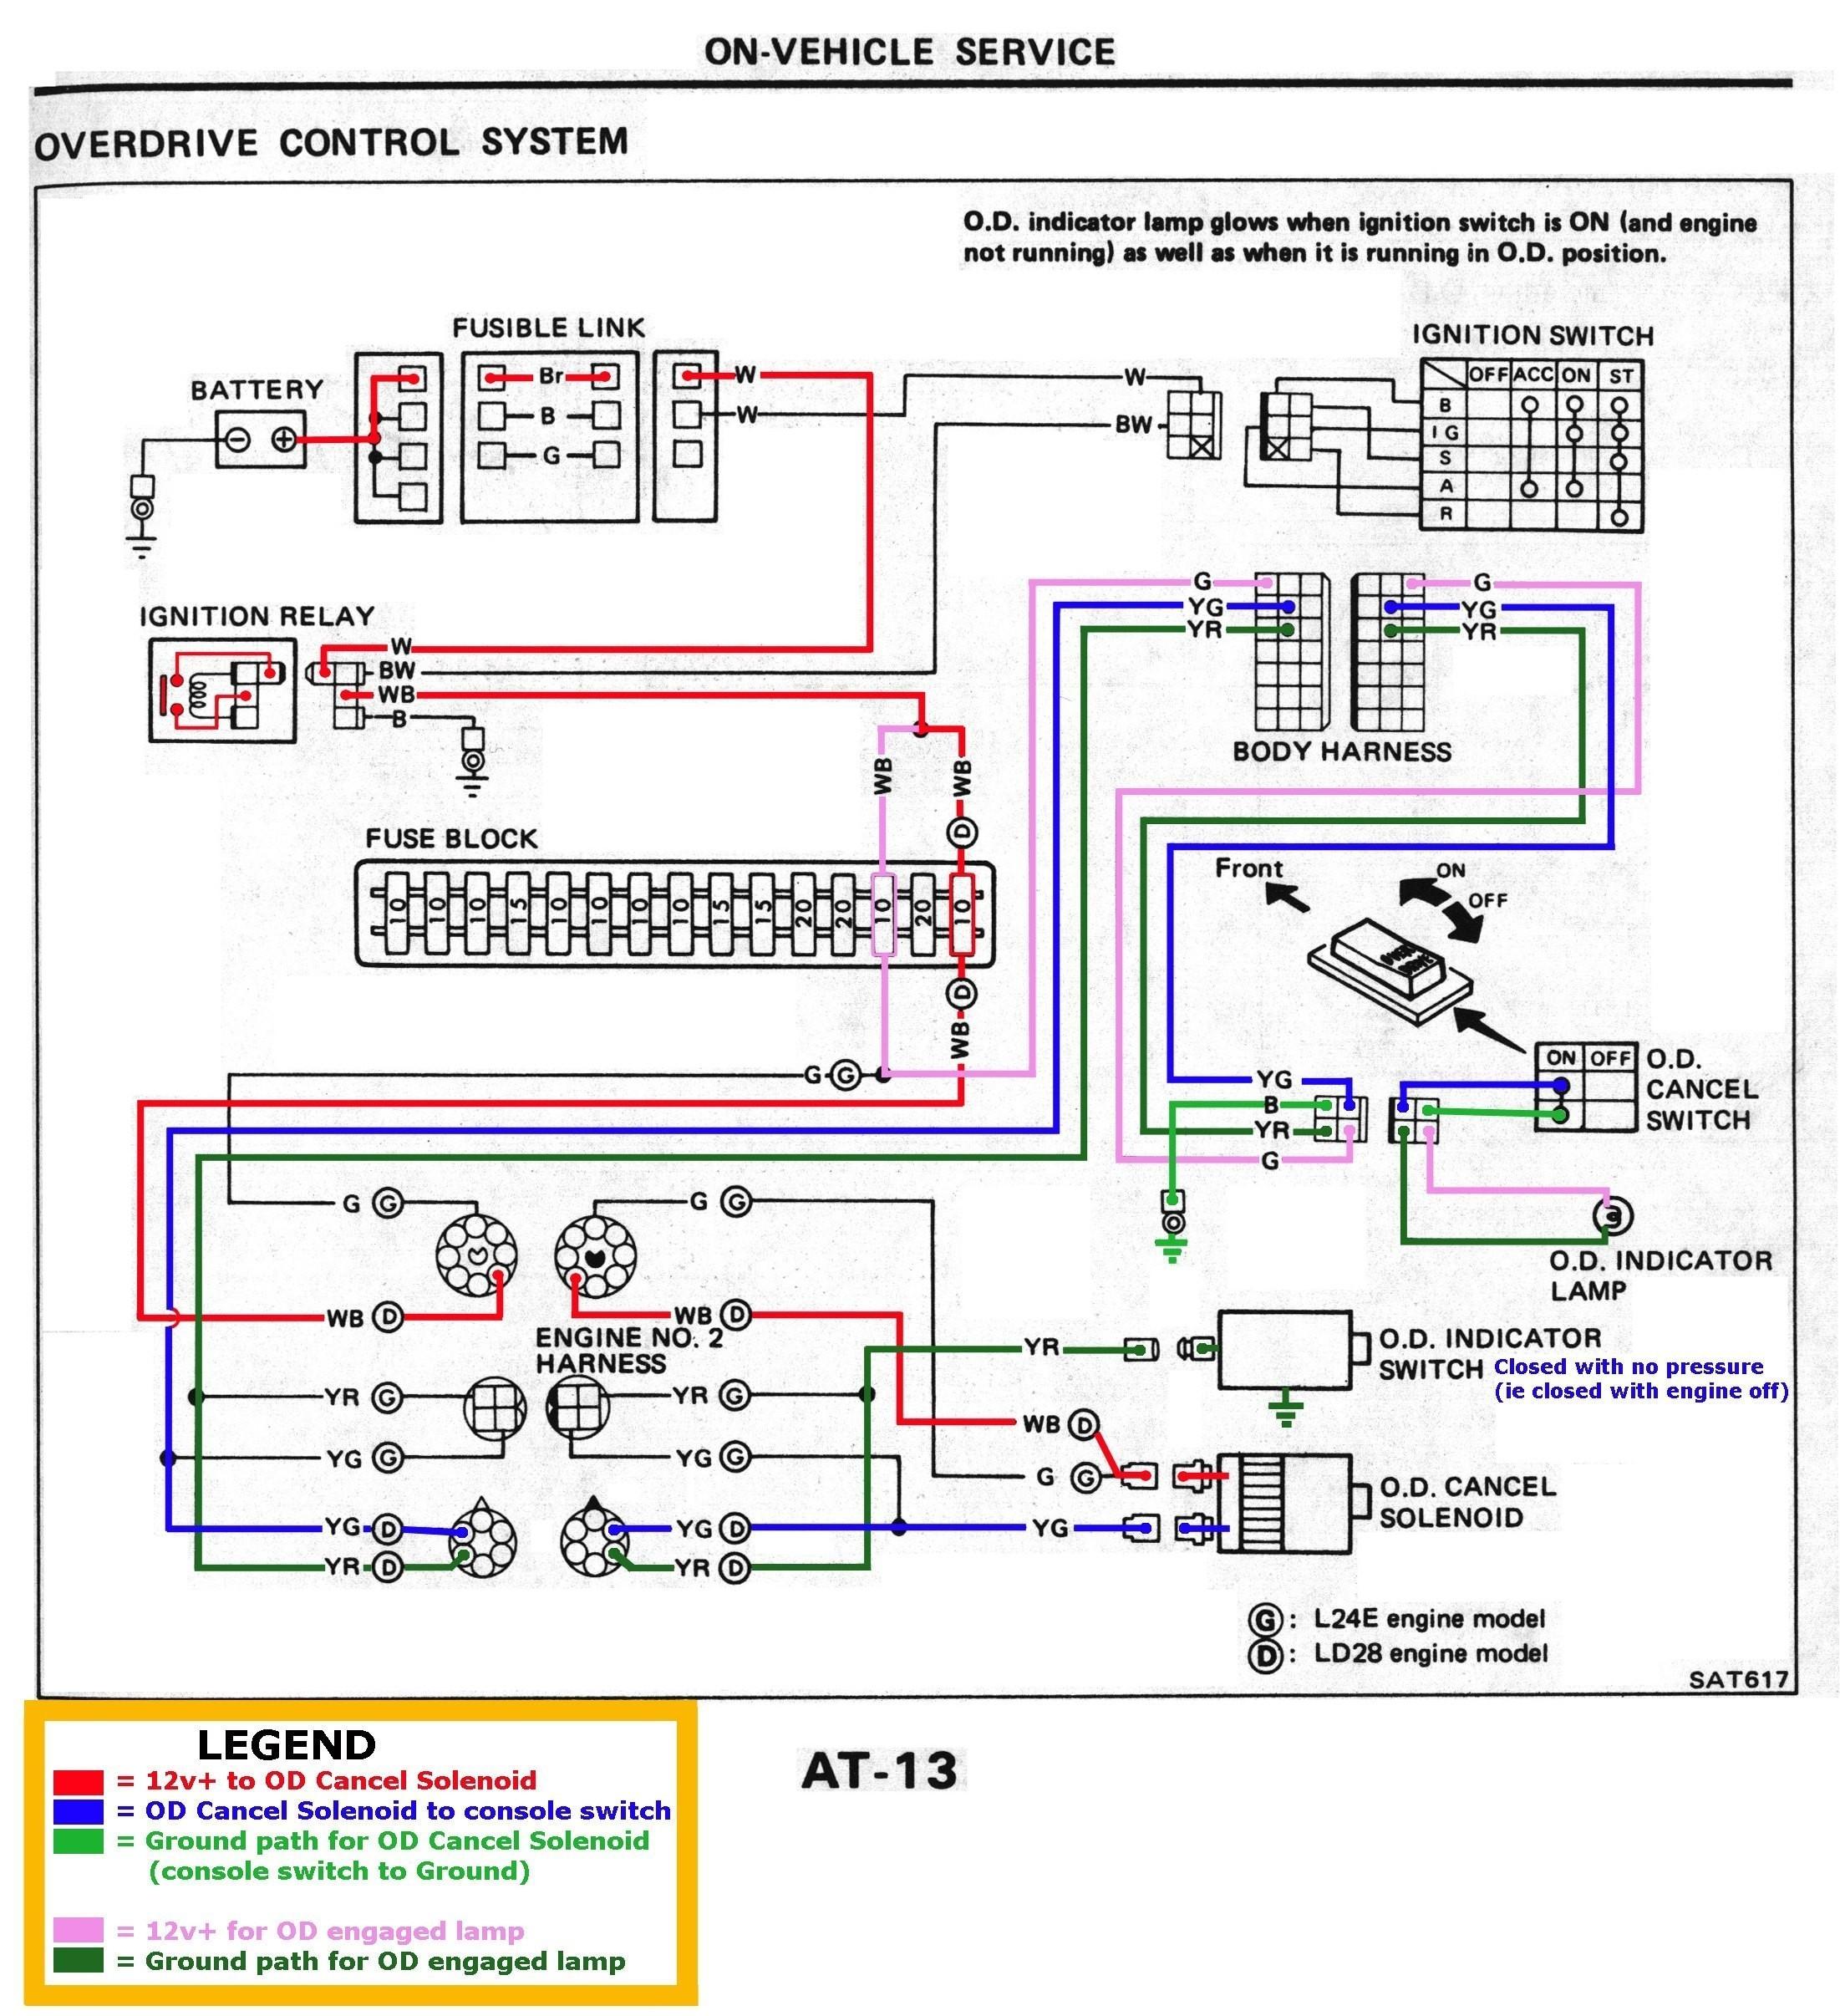 Monarch Dump Motor Wiring Diagram 5db7a Jeep Motorola Alternator Wiring Diagram Of Monarch Dump Motor Wiring Diagram Bucher Hydraulics Wiring Diagram